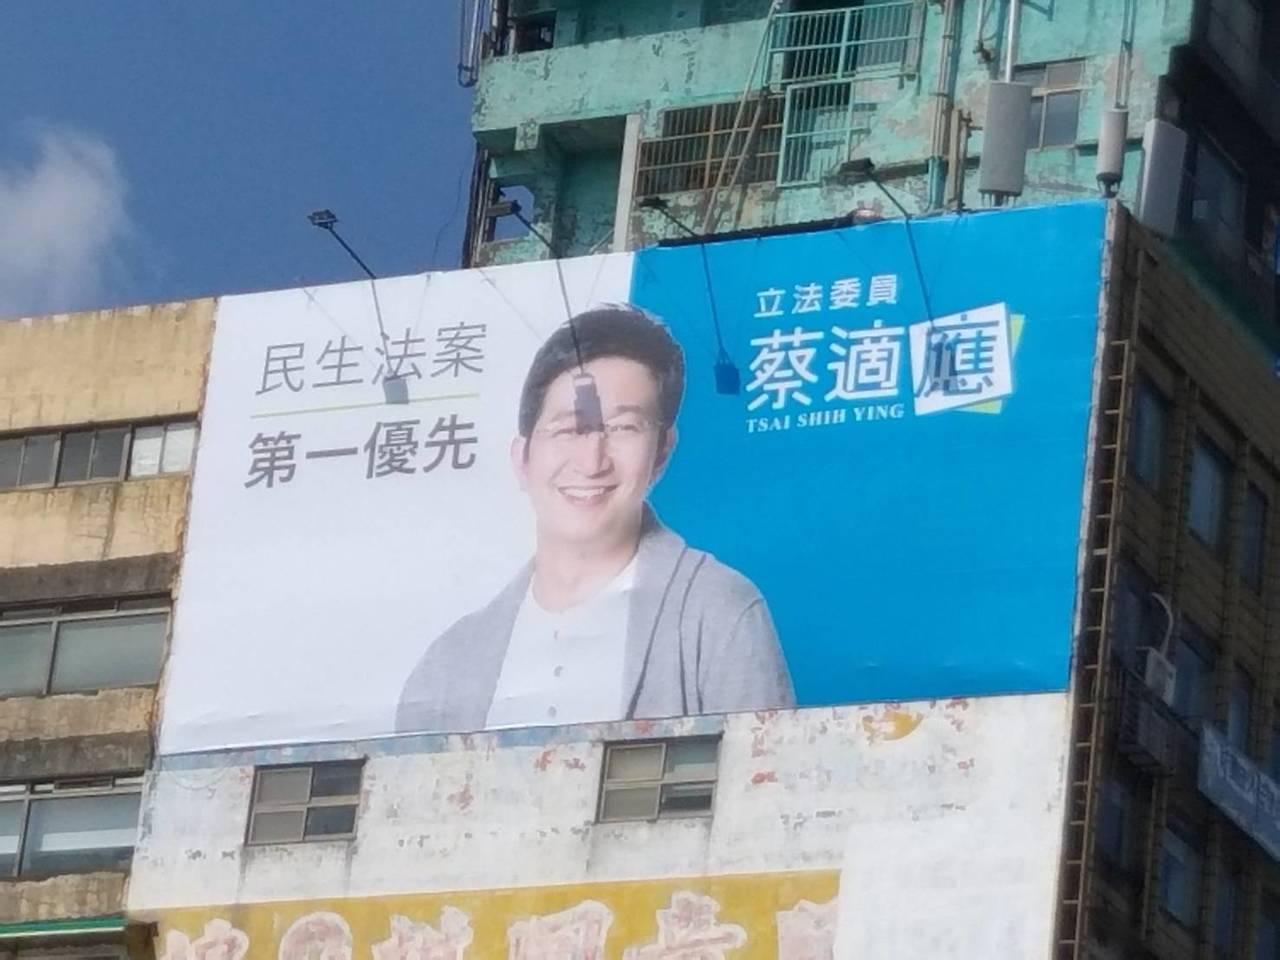 民進黨立委蔡適應的看板選用藍色,台北市議員游淑慧昨批是「不要臉」行為。記者邱瑞杰...